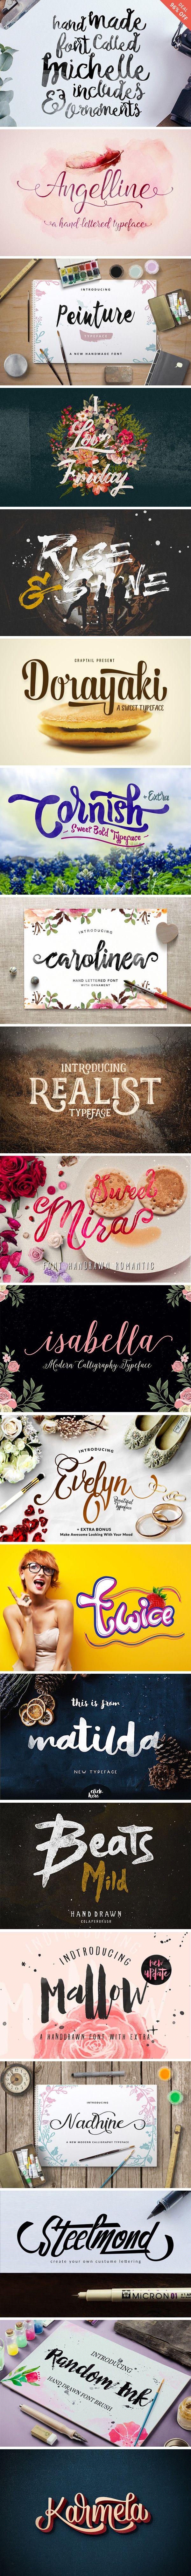 Top Creative Font Bundle GraphicBurger Typeface